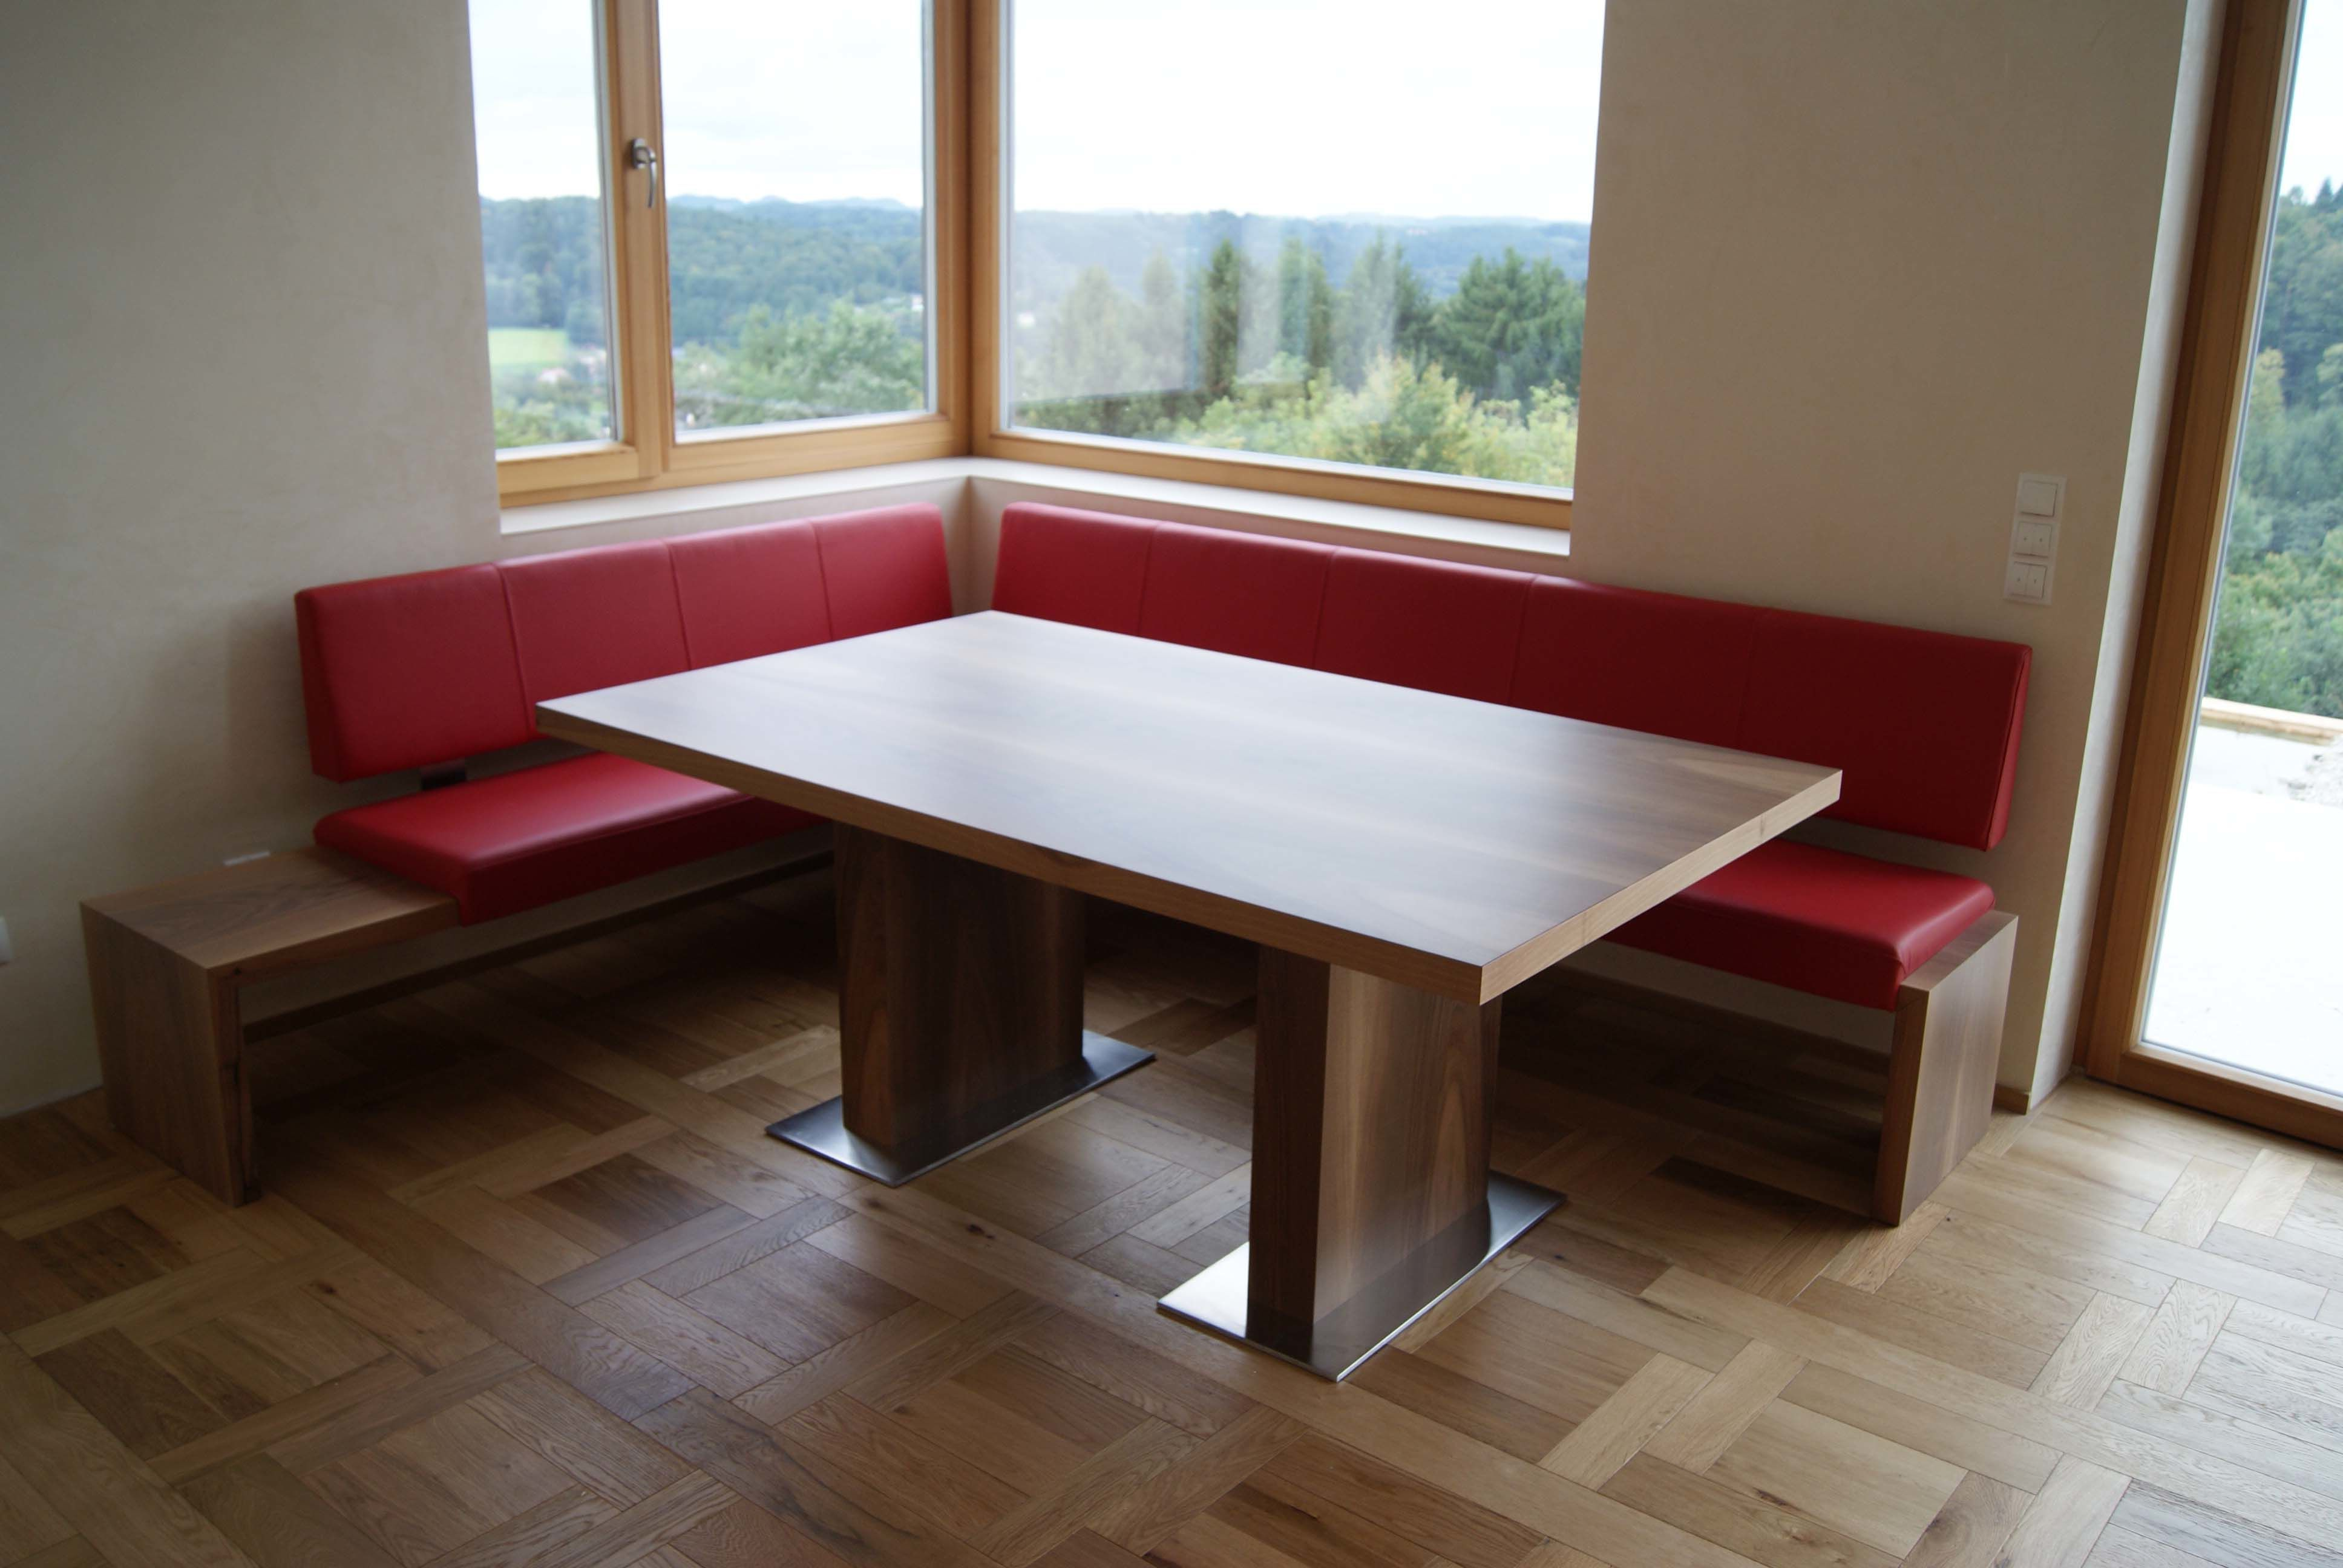 Innenarchitektur Eckbank Leder Ideen Von Genial Gebraucht